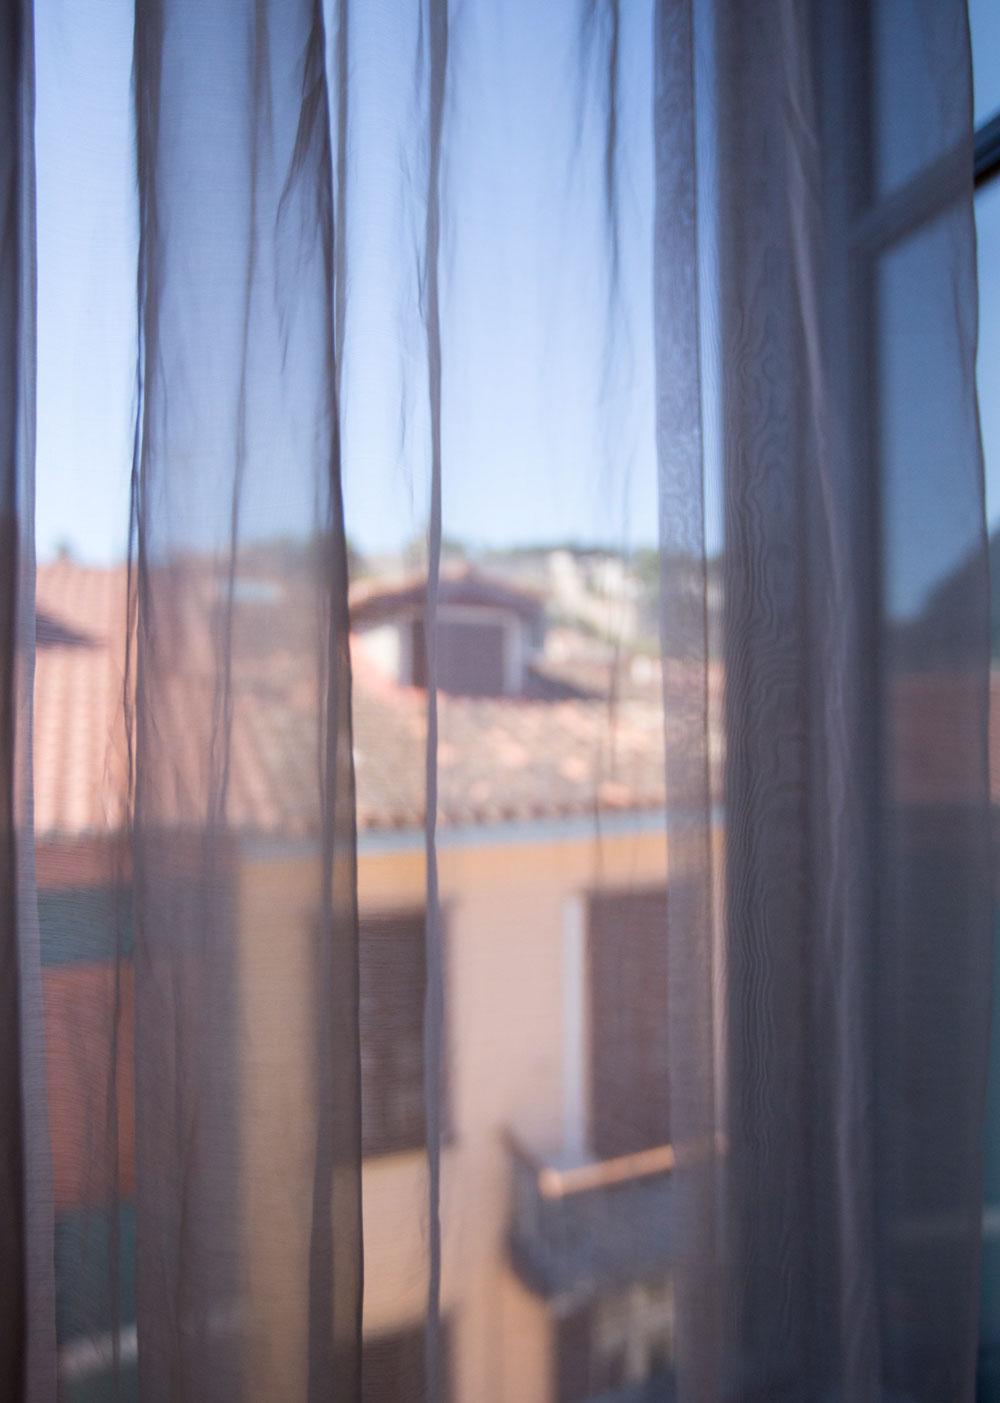 aion-hotel-superior-a5-b5-4.jpg